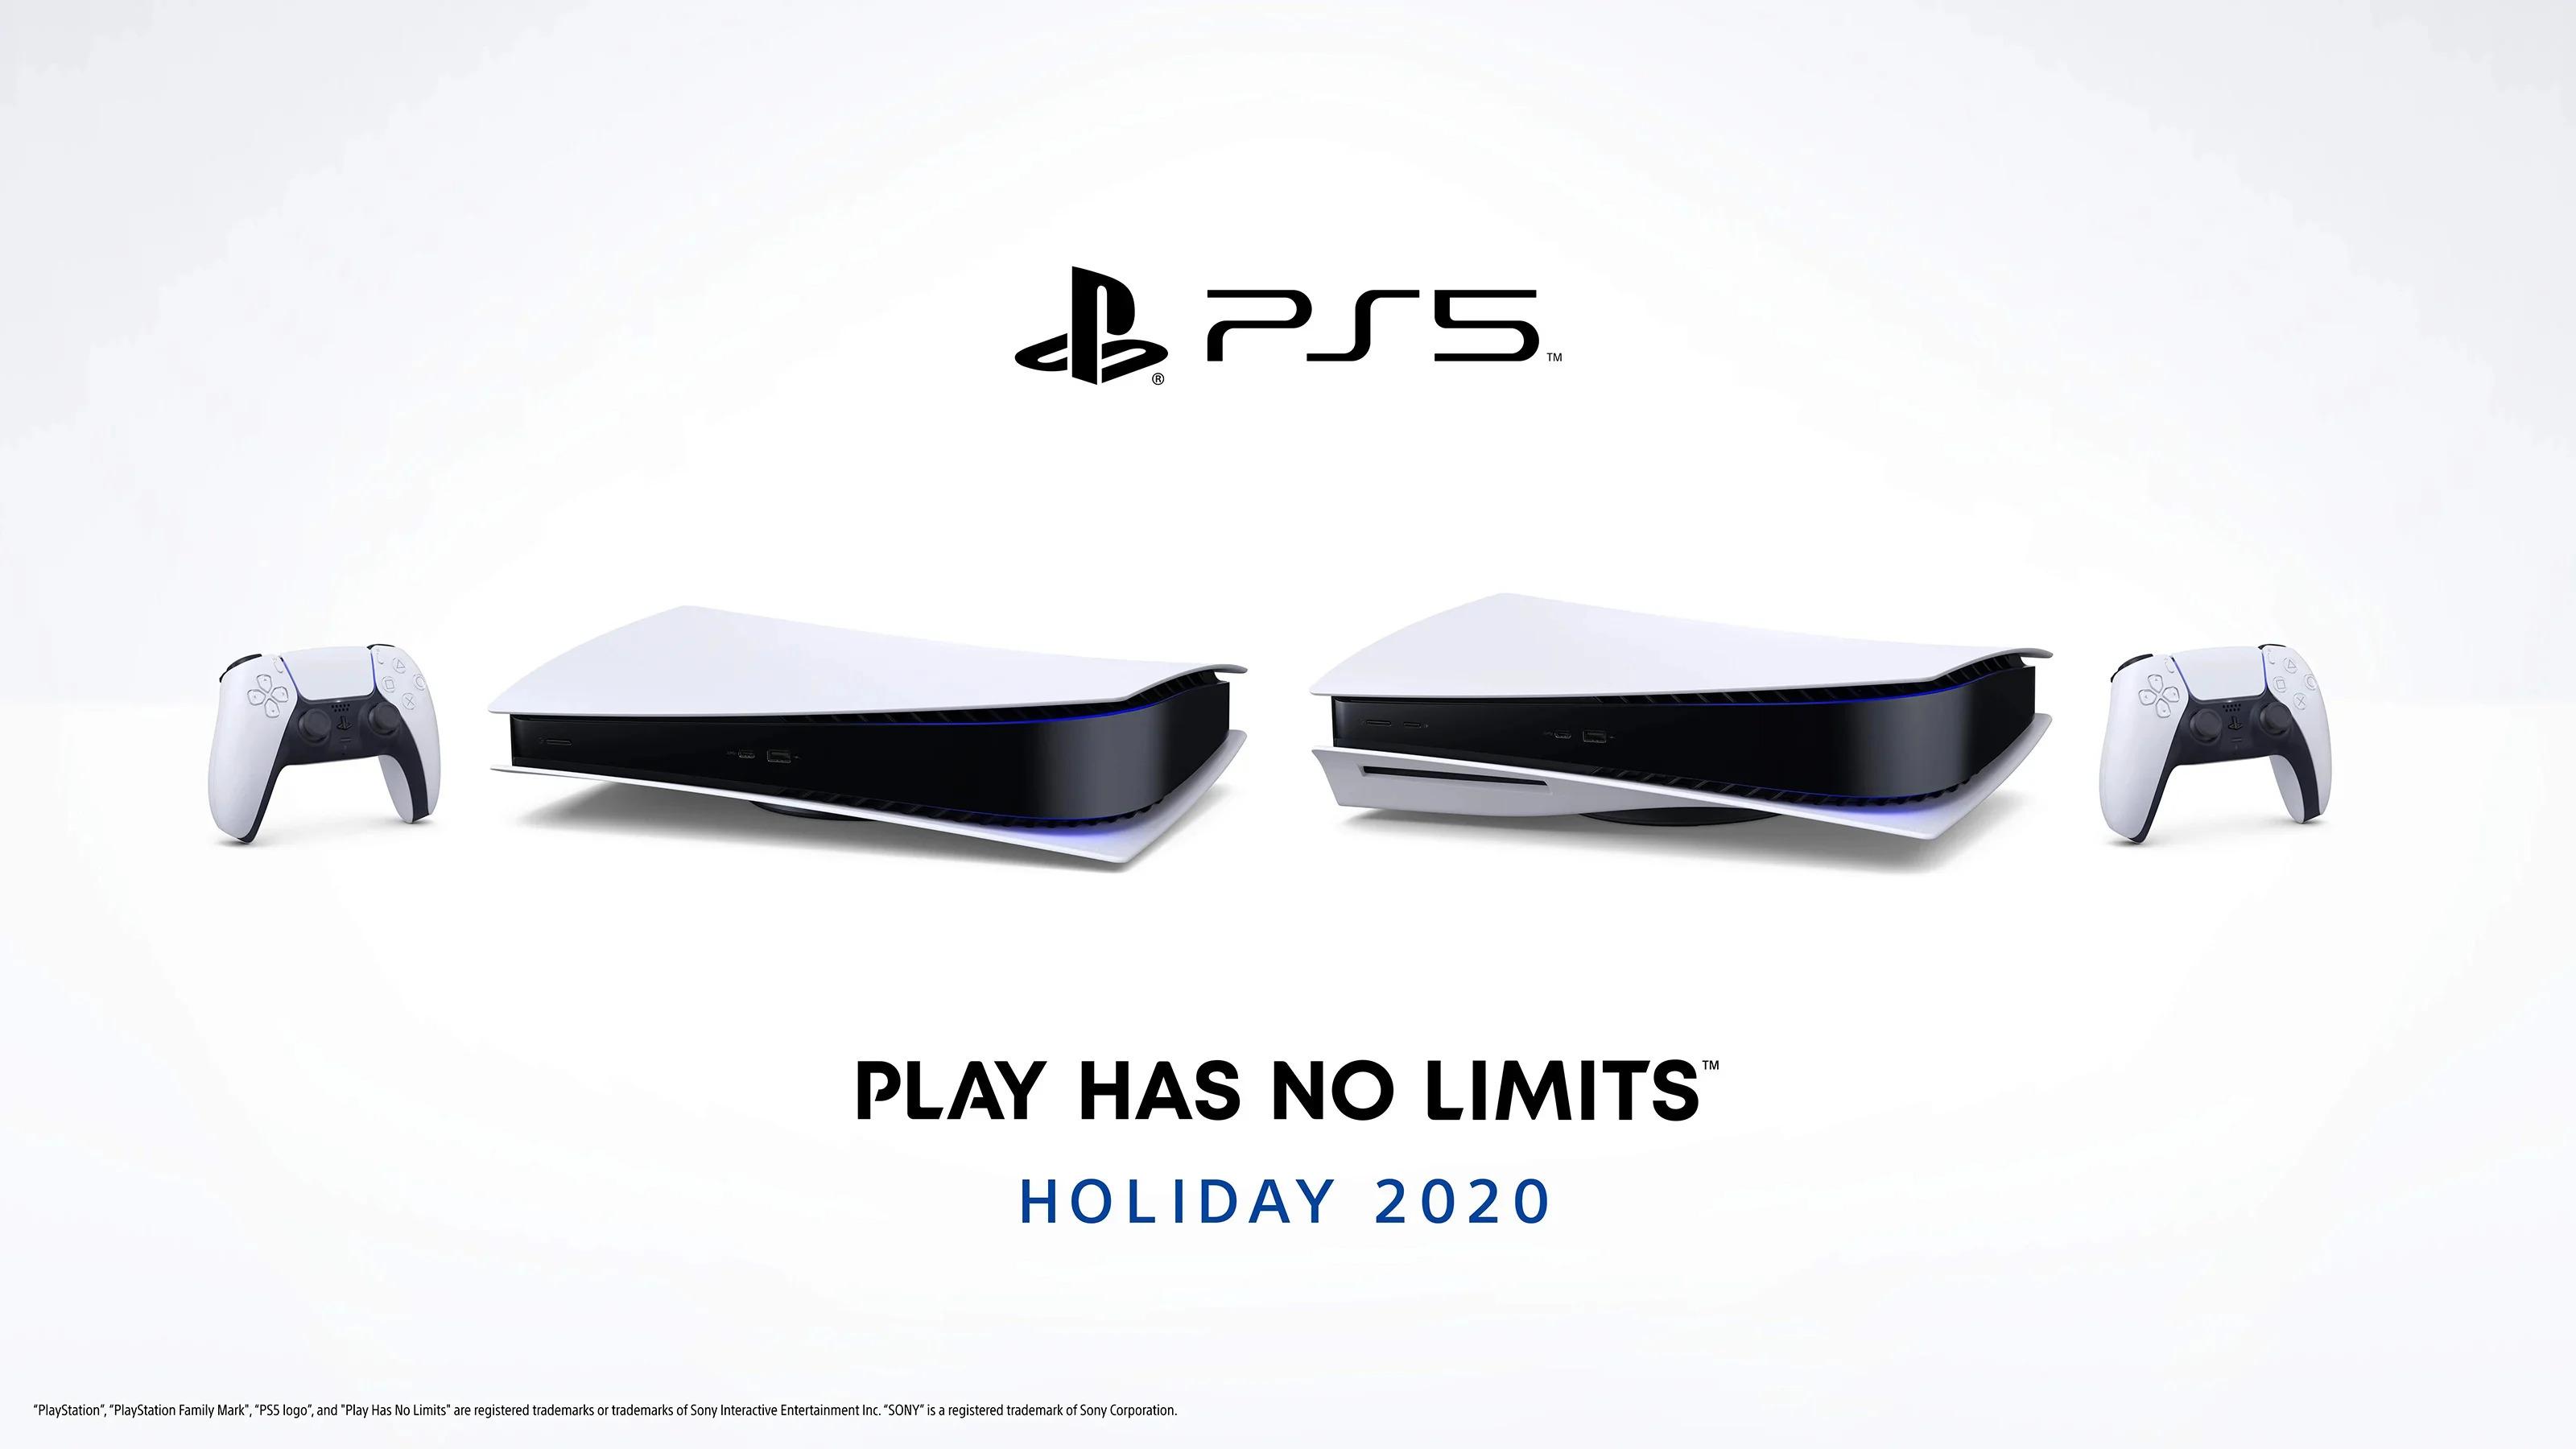 数毛社:无光驱版PS5可能会比普通版便宜50美元 约354元